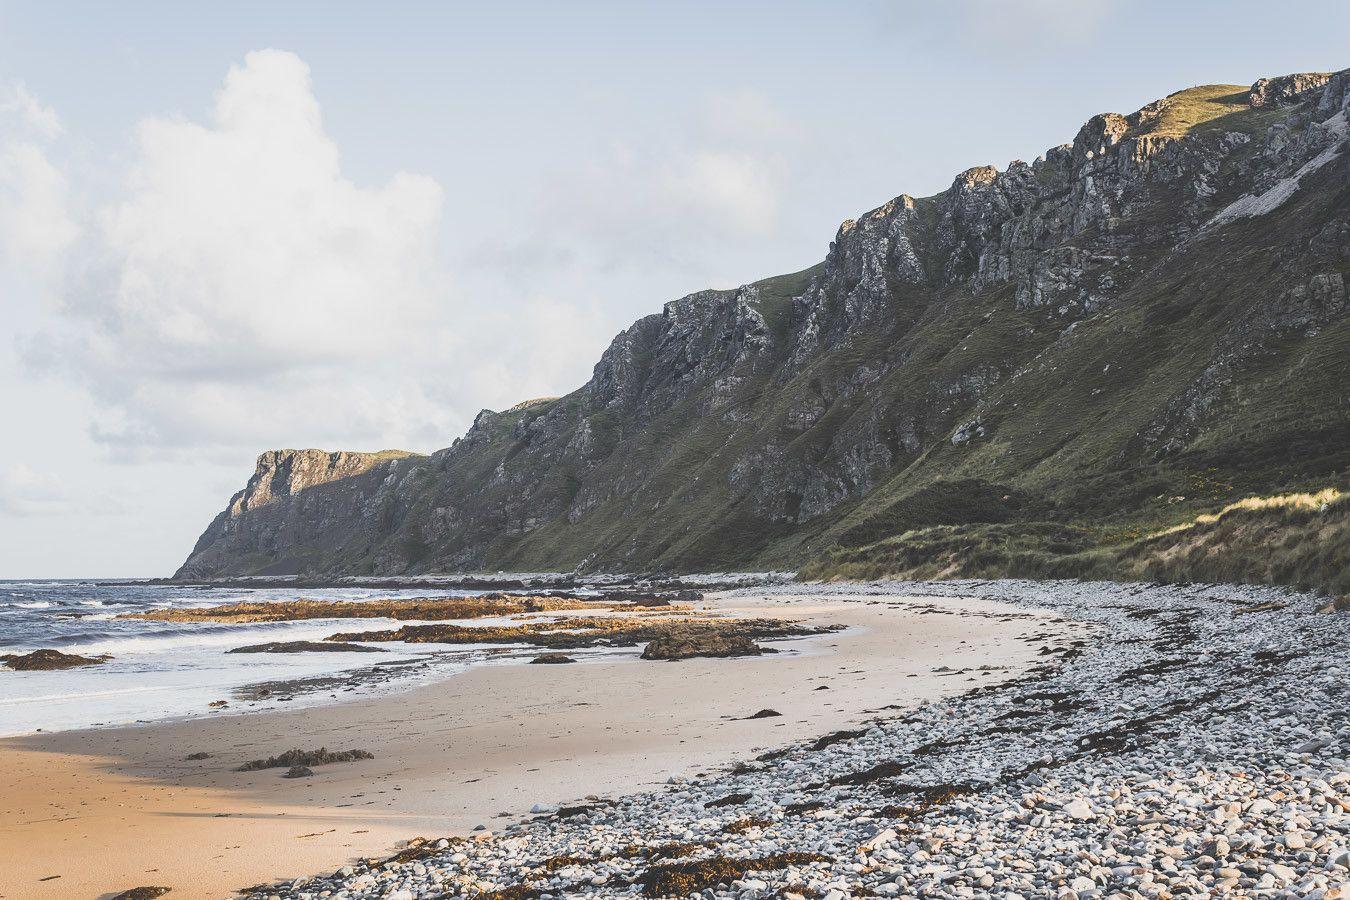 Plage, mer et falaises, le trio magique d'Irlande